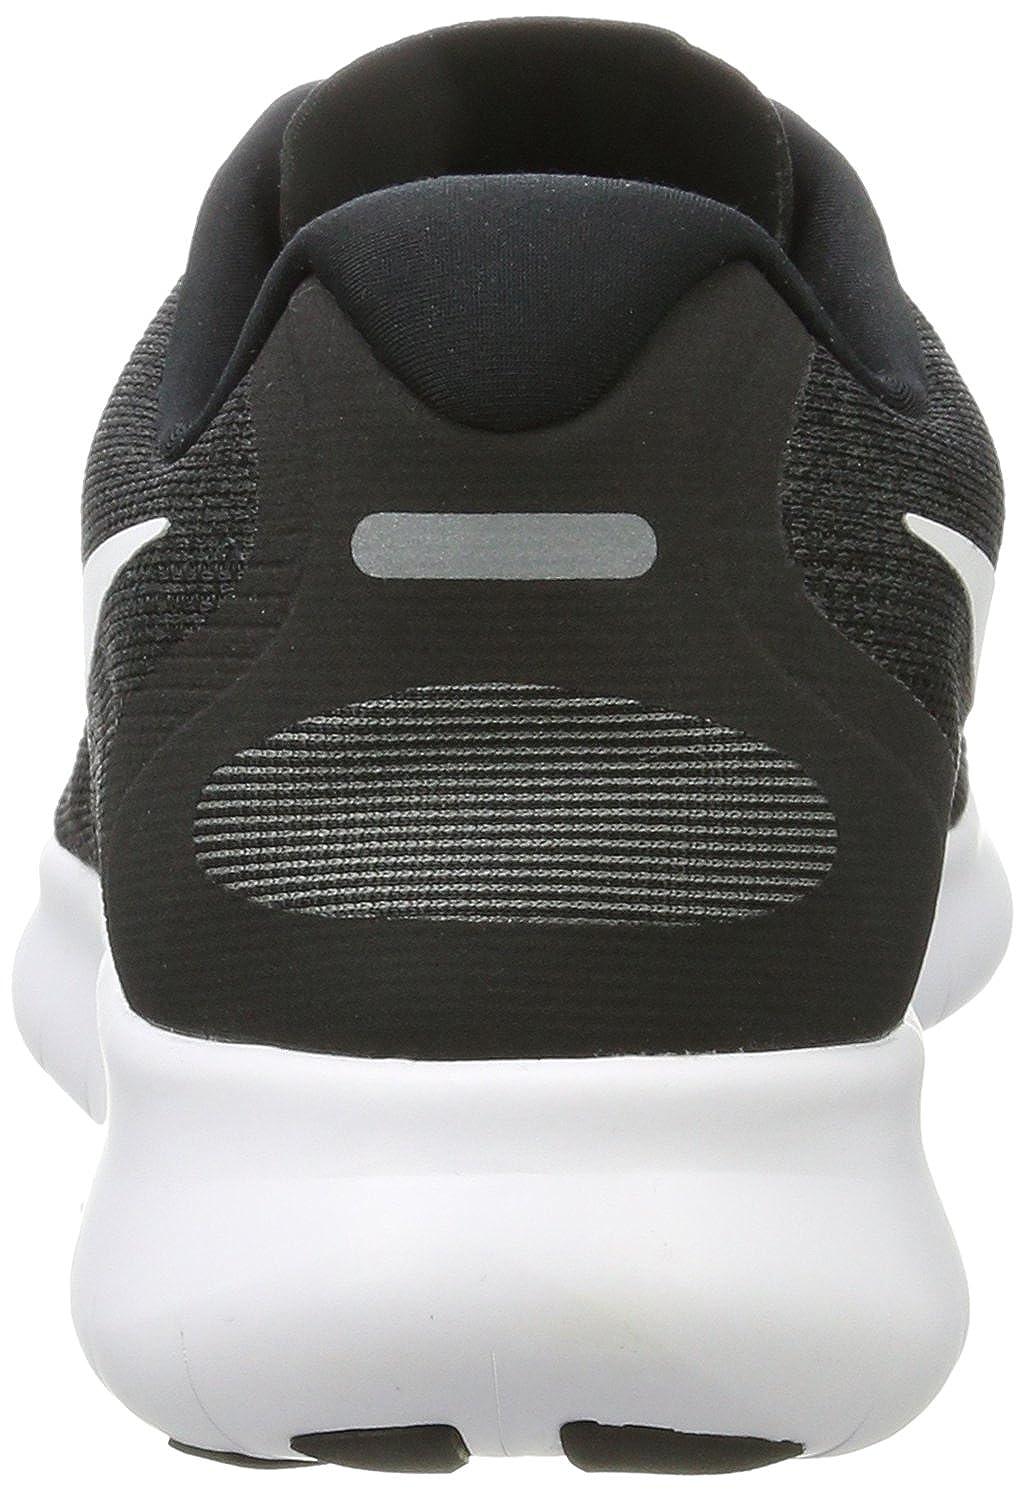 Angkorly - Damen Schuhe Stiefel Oberschenkel-Boot - - - Stiletto - Sexy - Spitze Stiletto high Heel 13.5 cm Schwarz 39bd3f